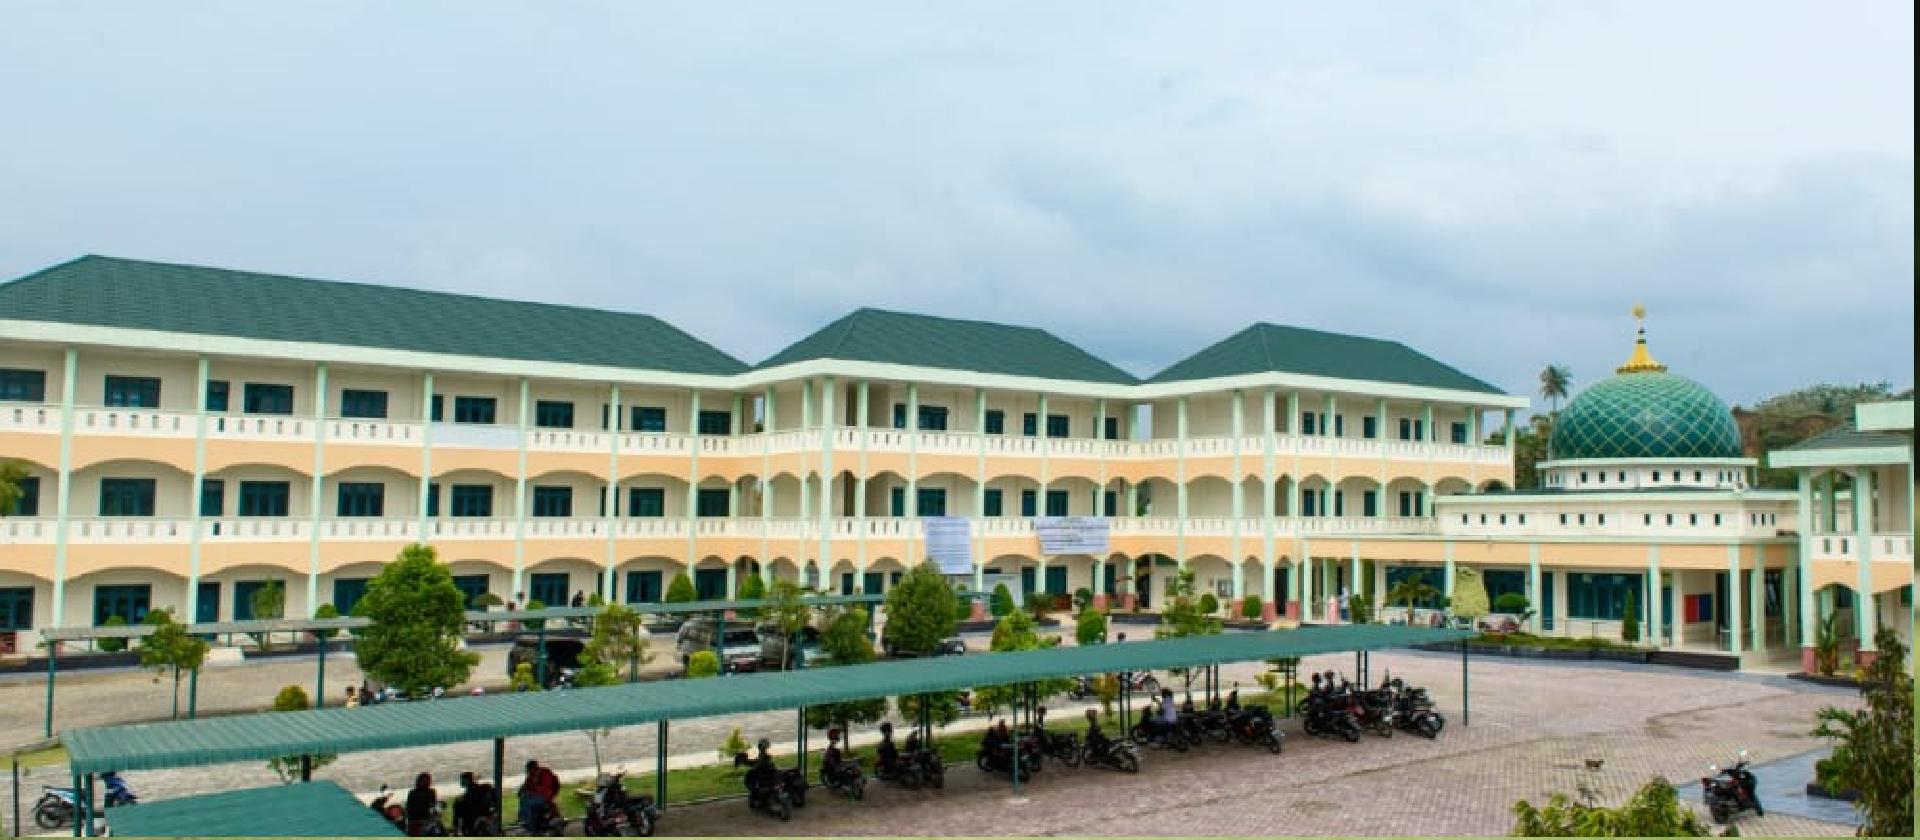 Gedung Kuliah Universitas Almuslim